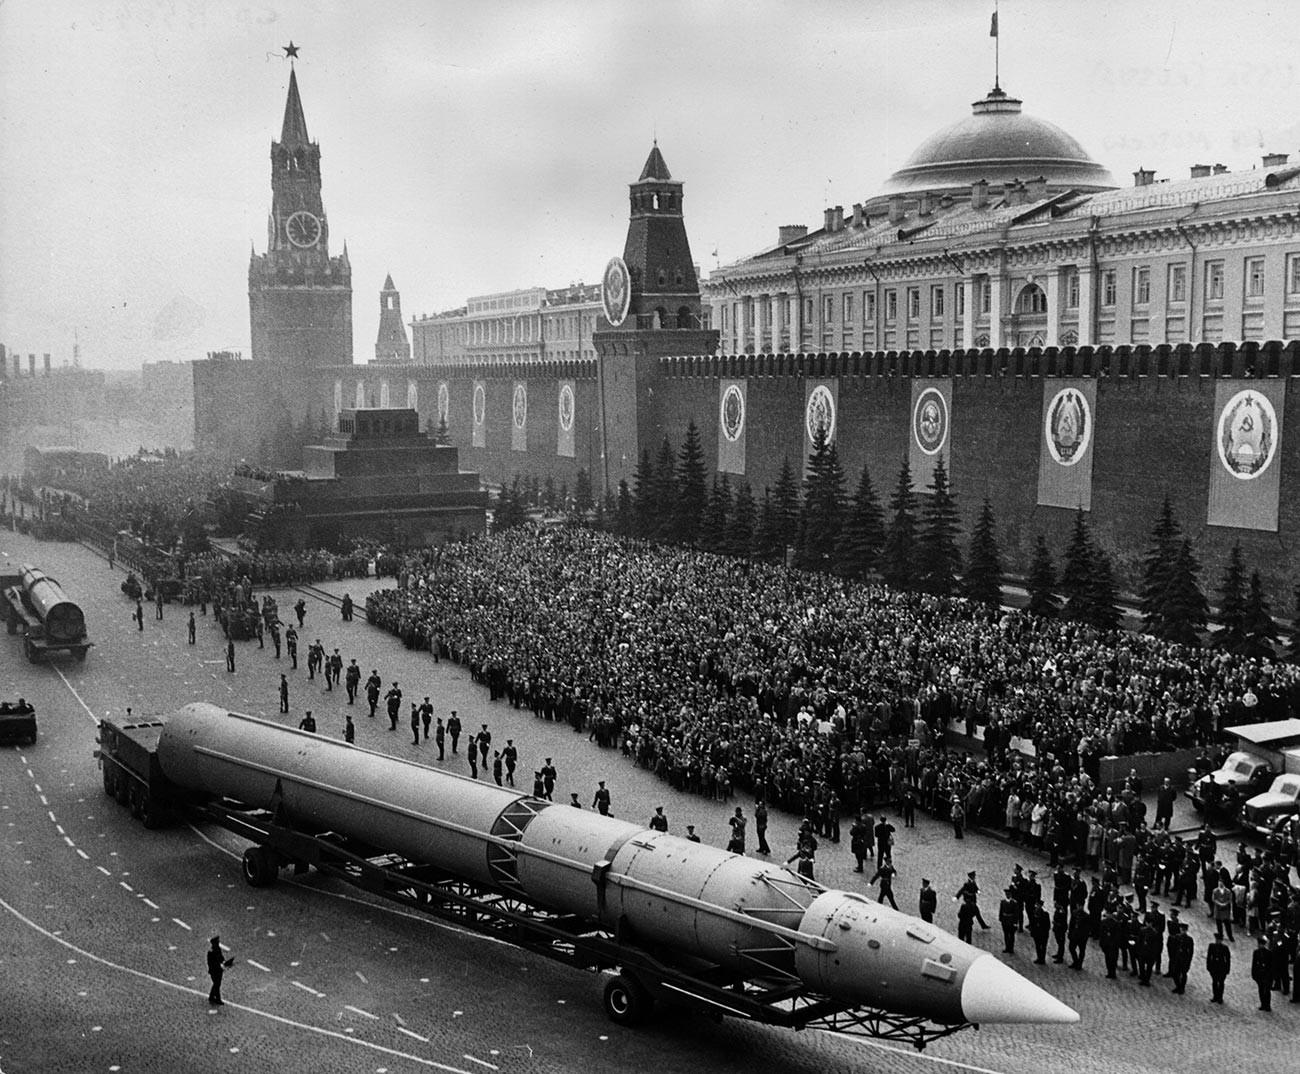 Руска интерконтинентална ракета на војној паради на Црвеном тргу у Москви поводом 20-годишњице окончања рата у Европи.